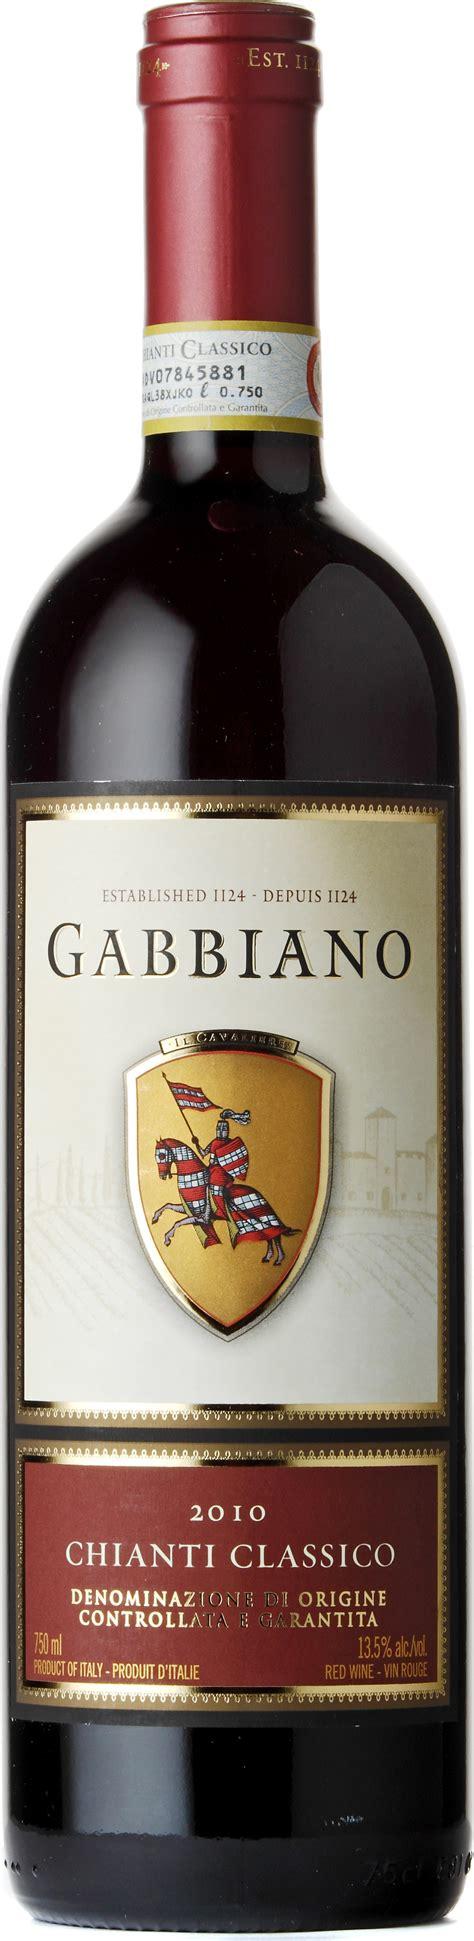 gabbiano chianti classico gabbiano chianti classico 2011 expert wine ratings and